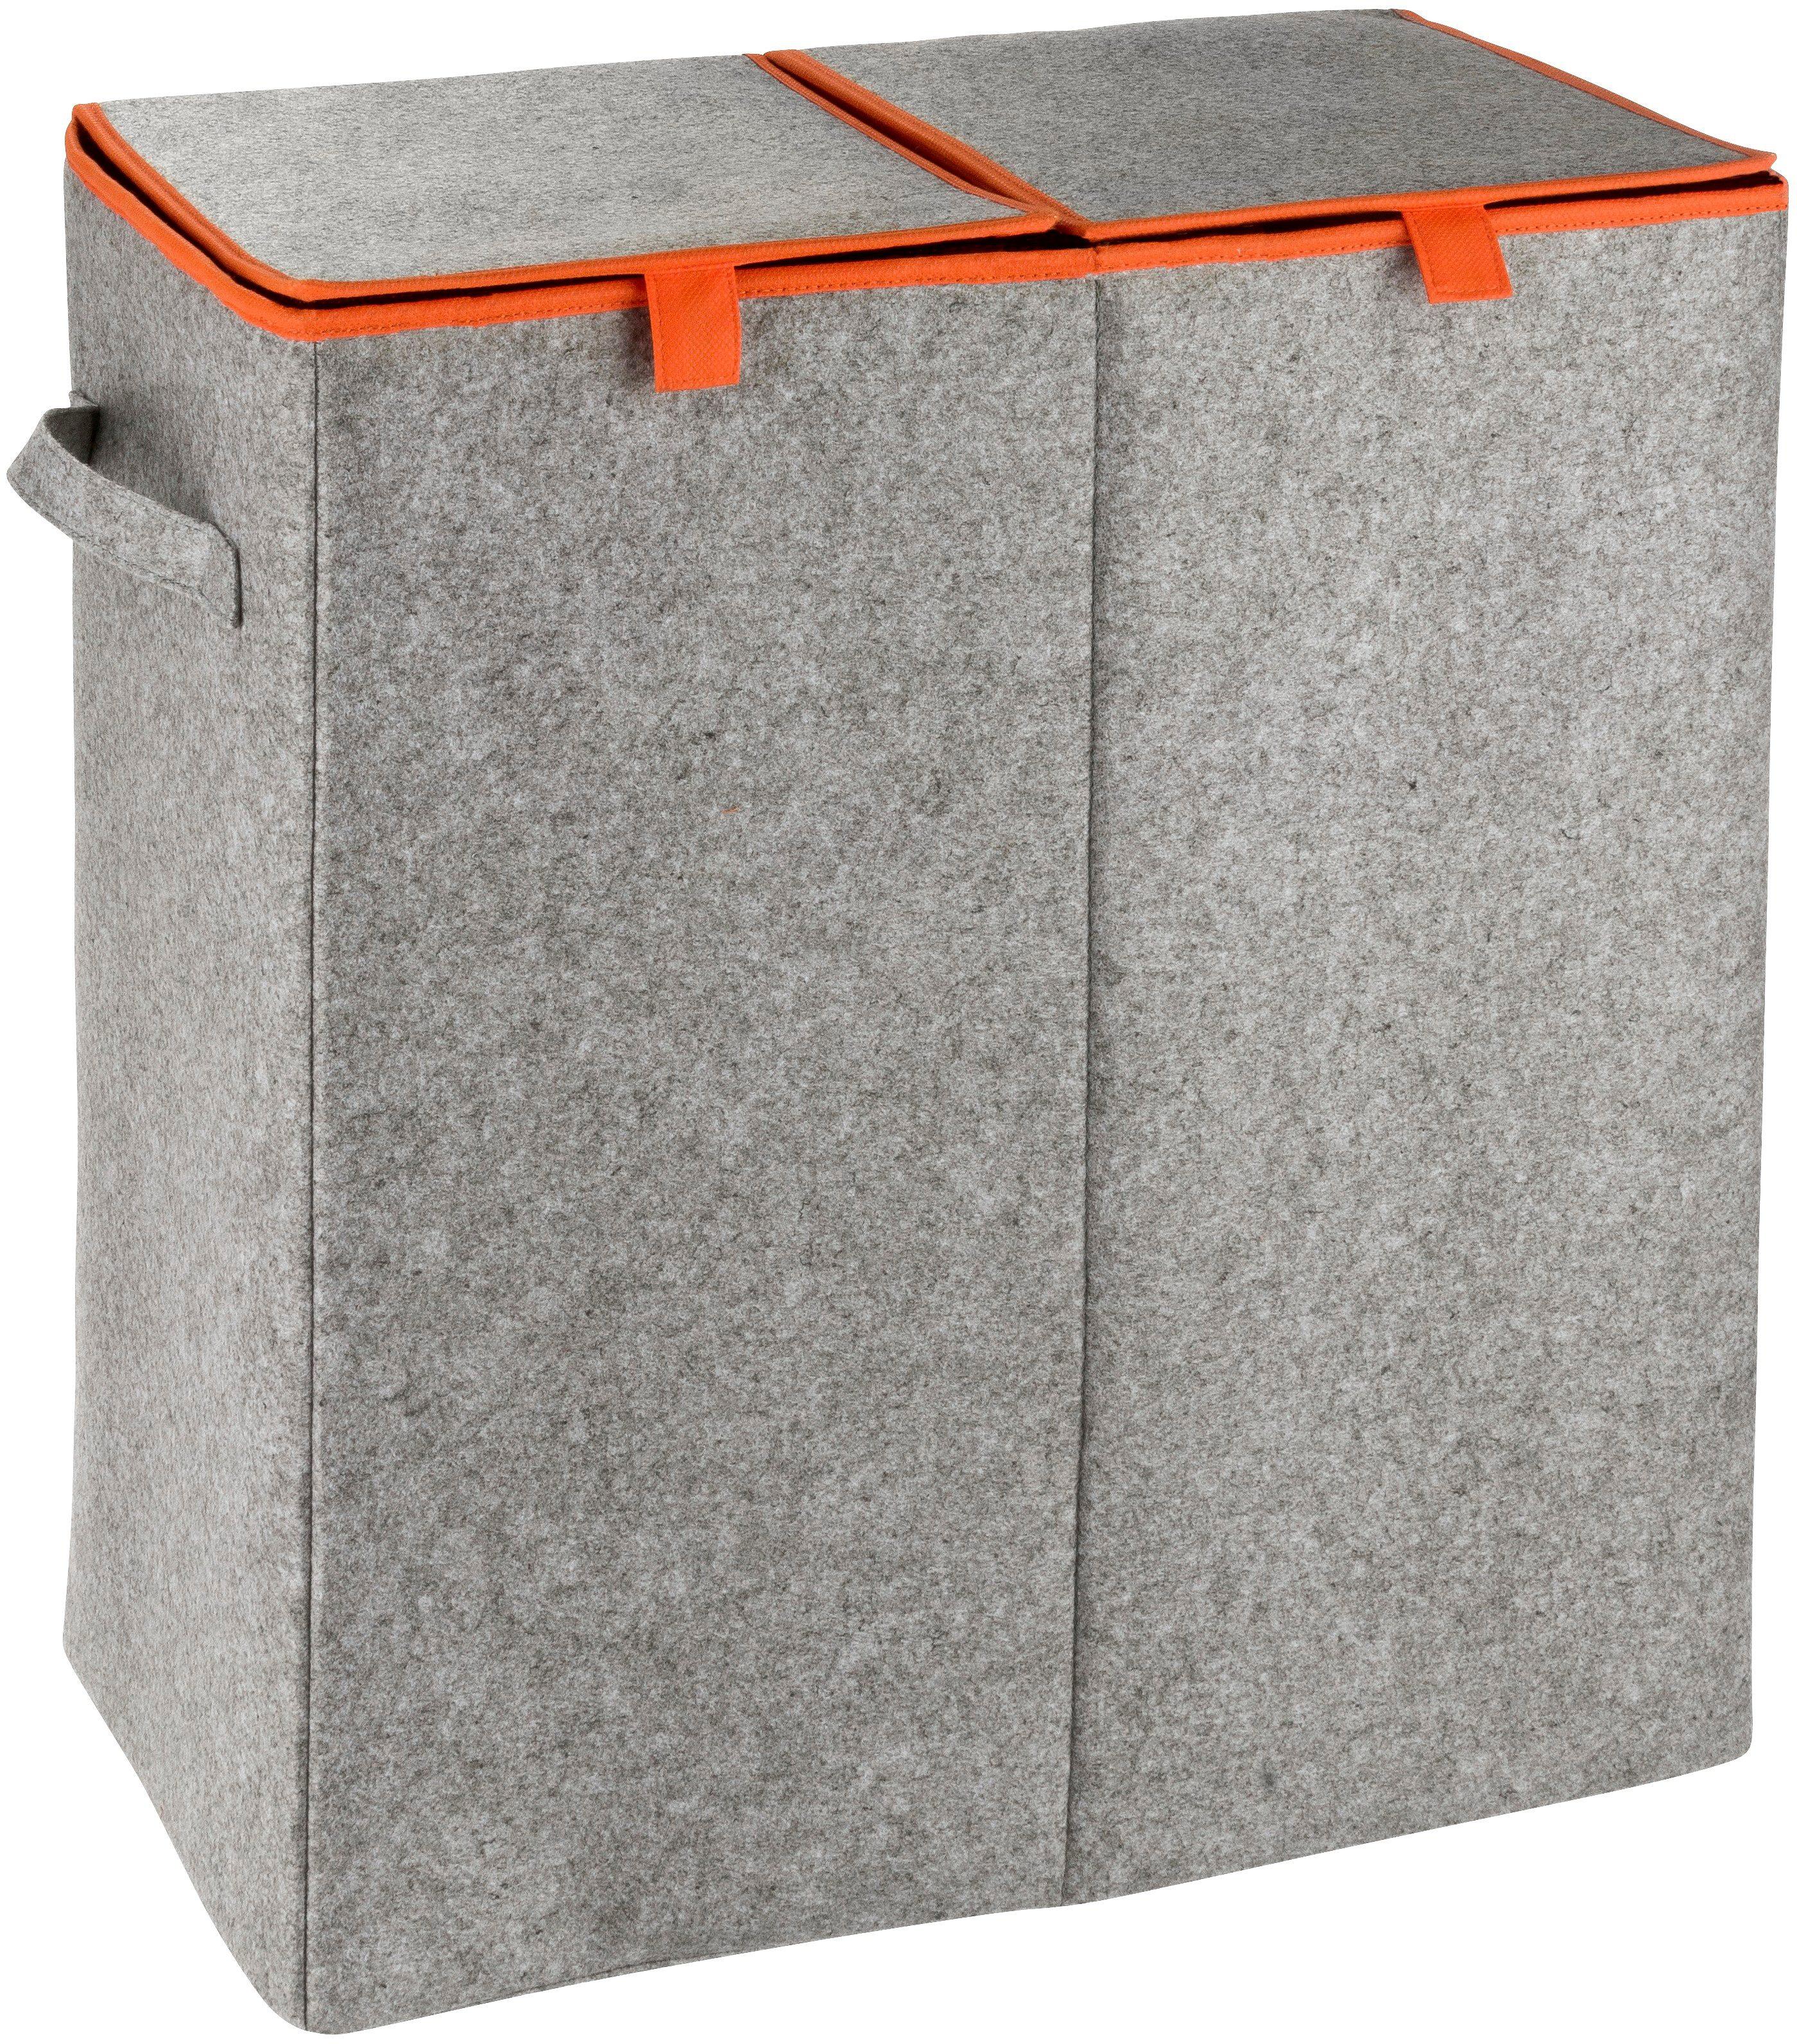 WENKO Wäschesammler »Duo Filz«, Orange, Wäschekorb, 2 Kammern, 82 l